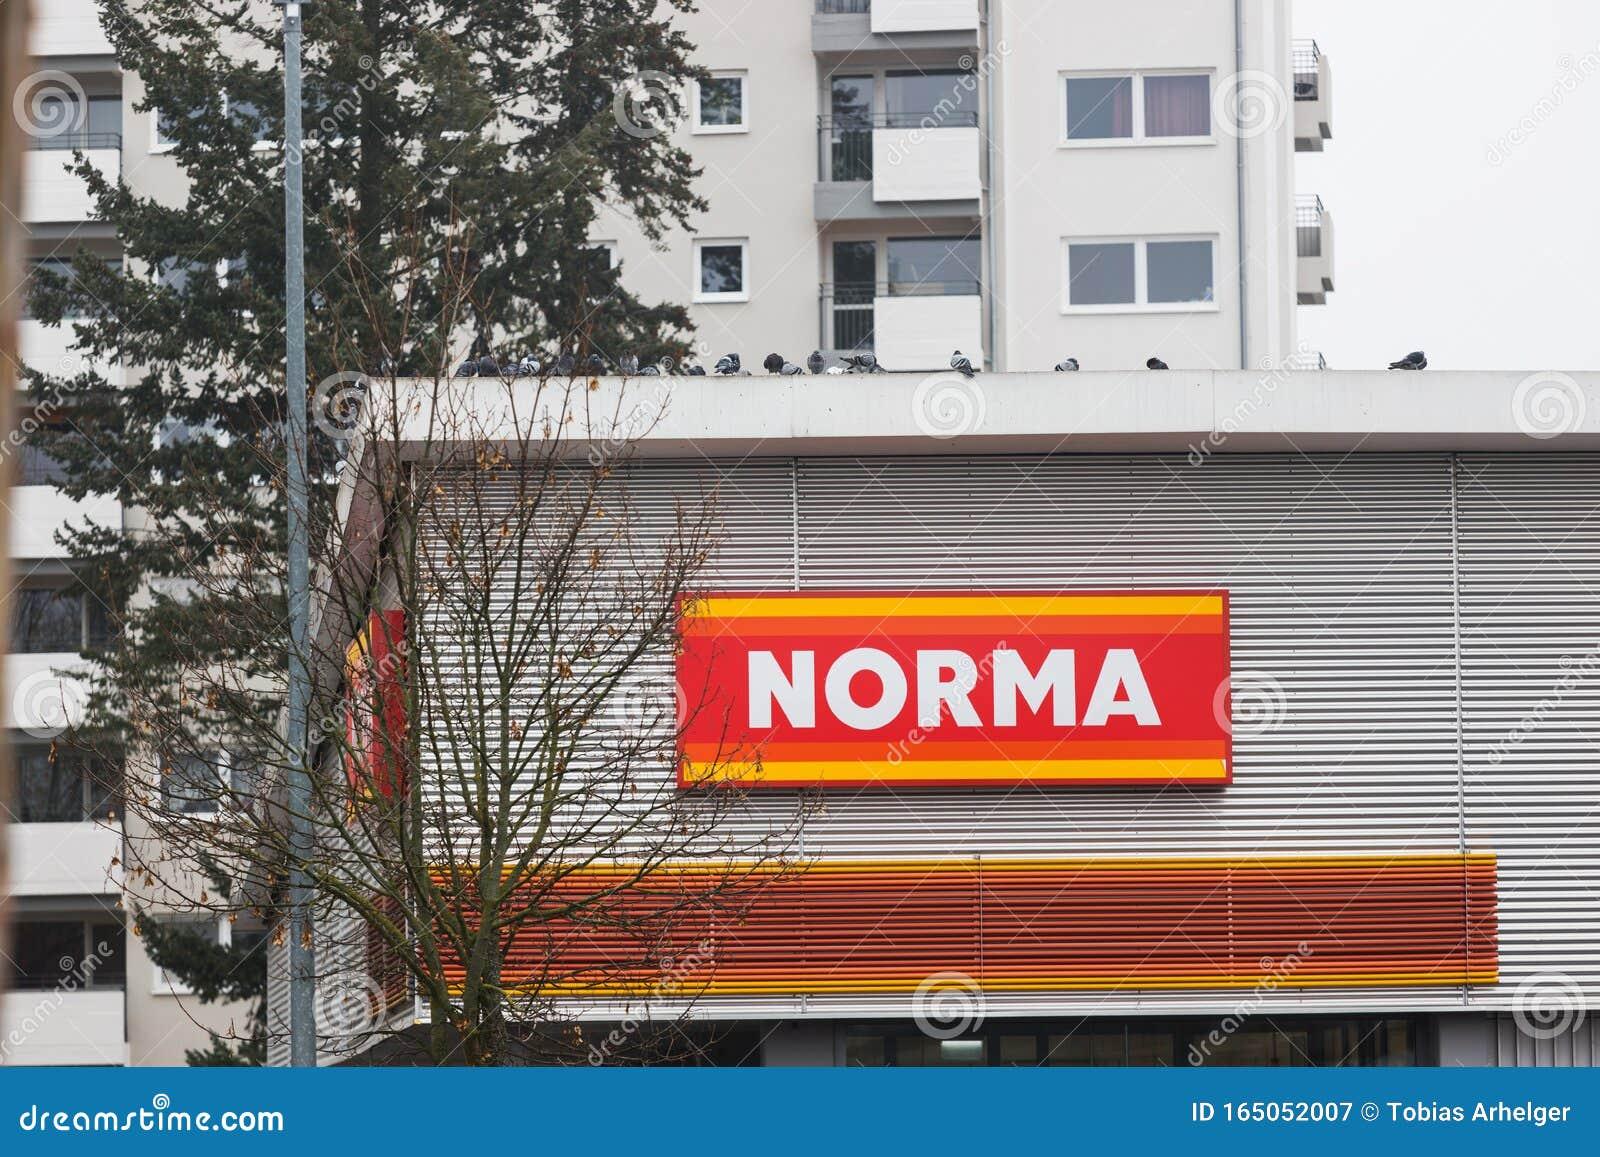 Norma Regensburg